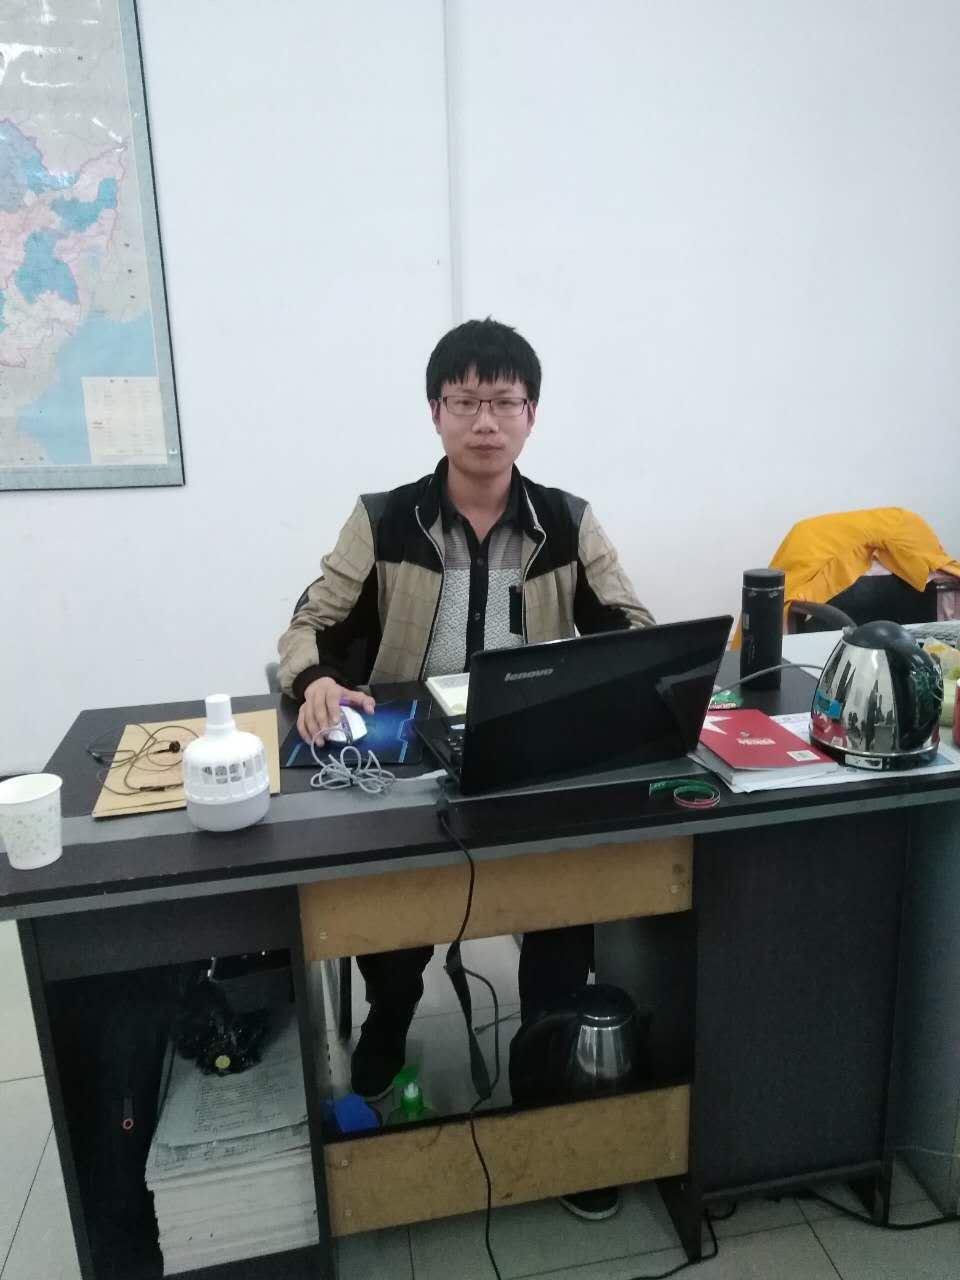 哈尔滨到佳木斯物流专线(黑龙江双汇货运中心)